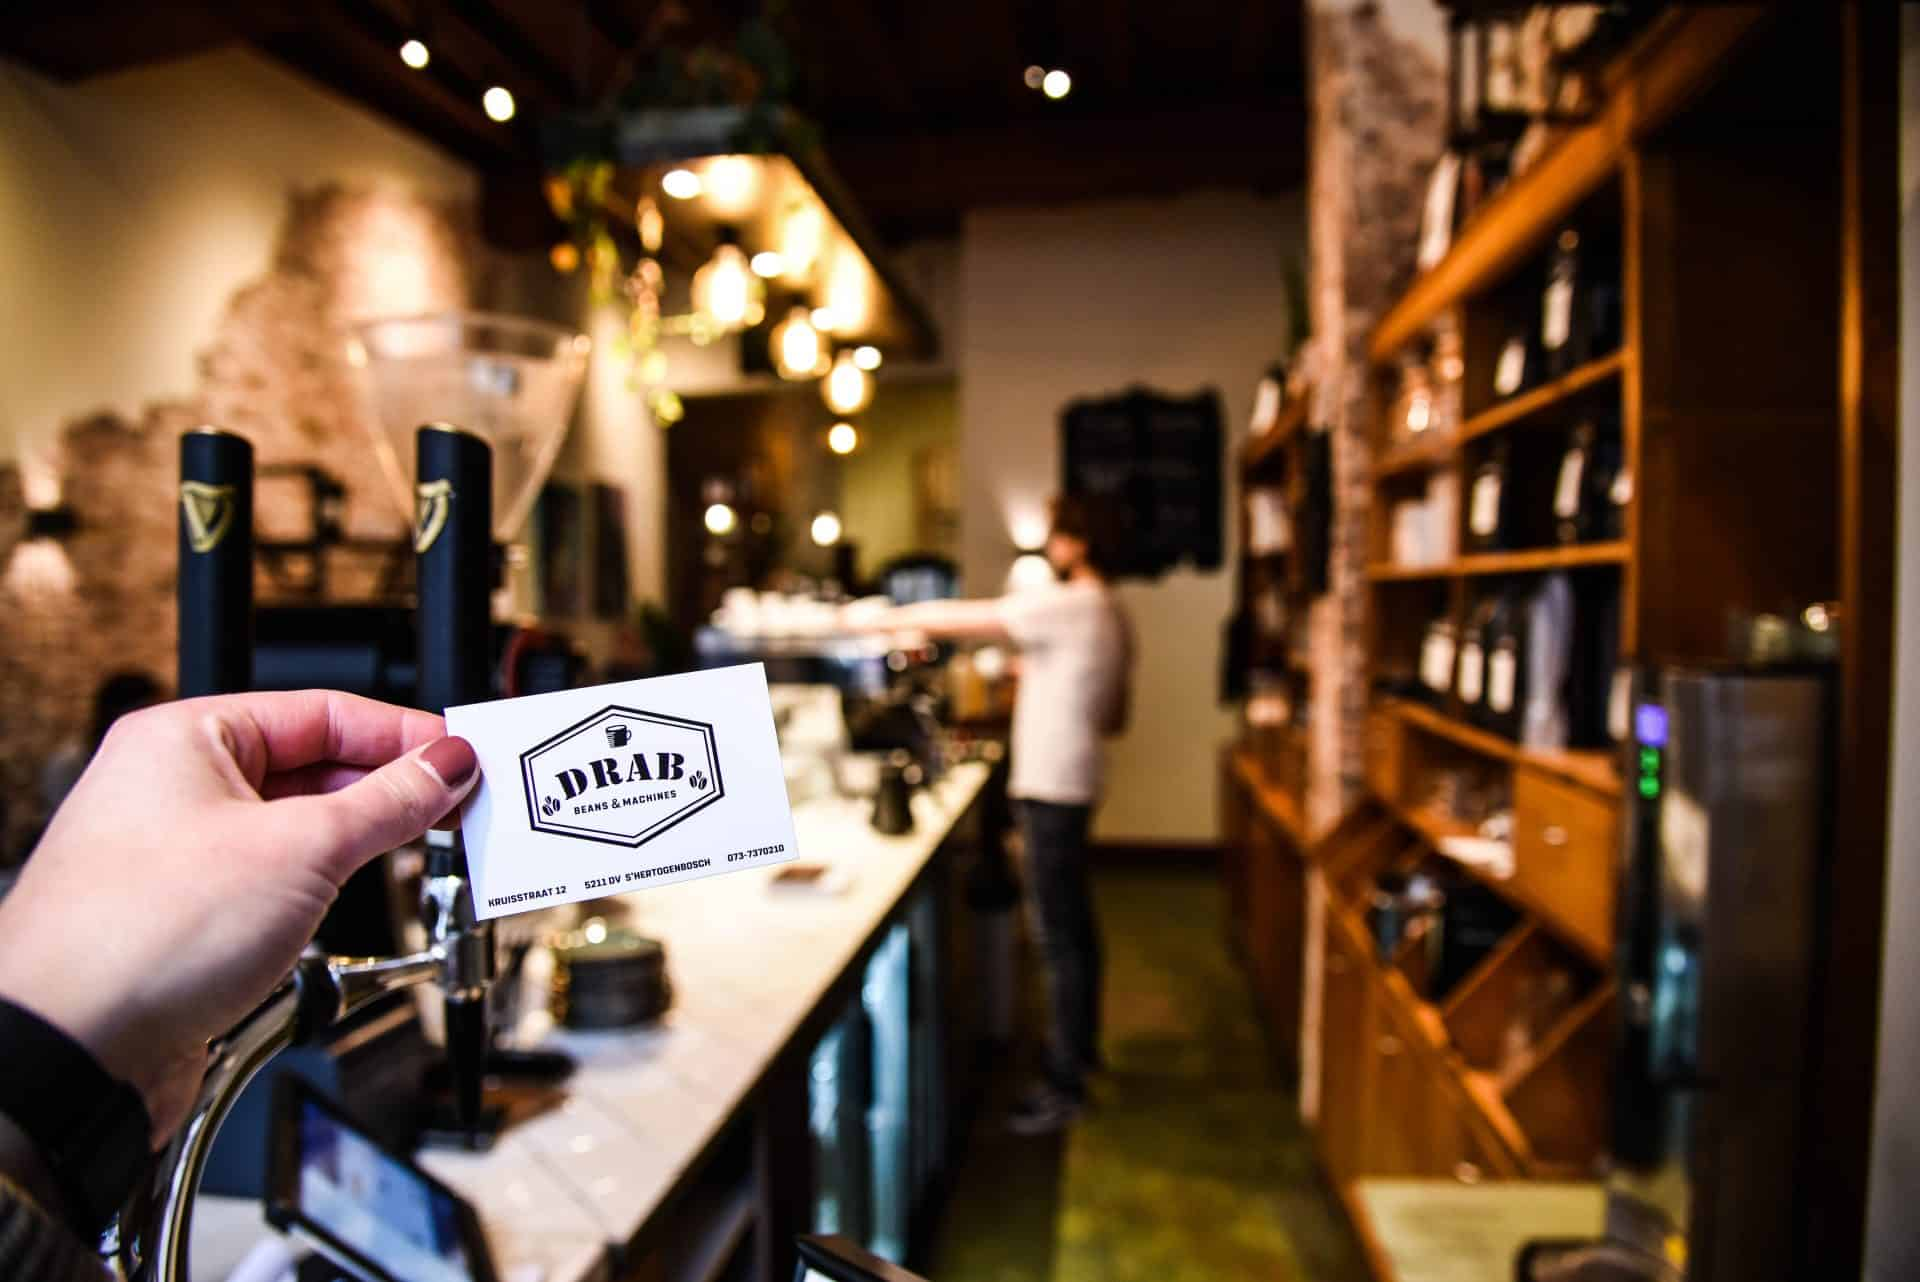 koffie drinken in Den Bosch - hospots Den Bosch - wat te doen in Den Bosch - taart in Den Bosch - koffie hotspots in Den Bosch